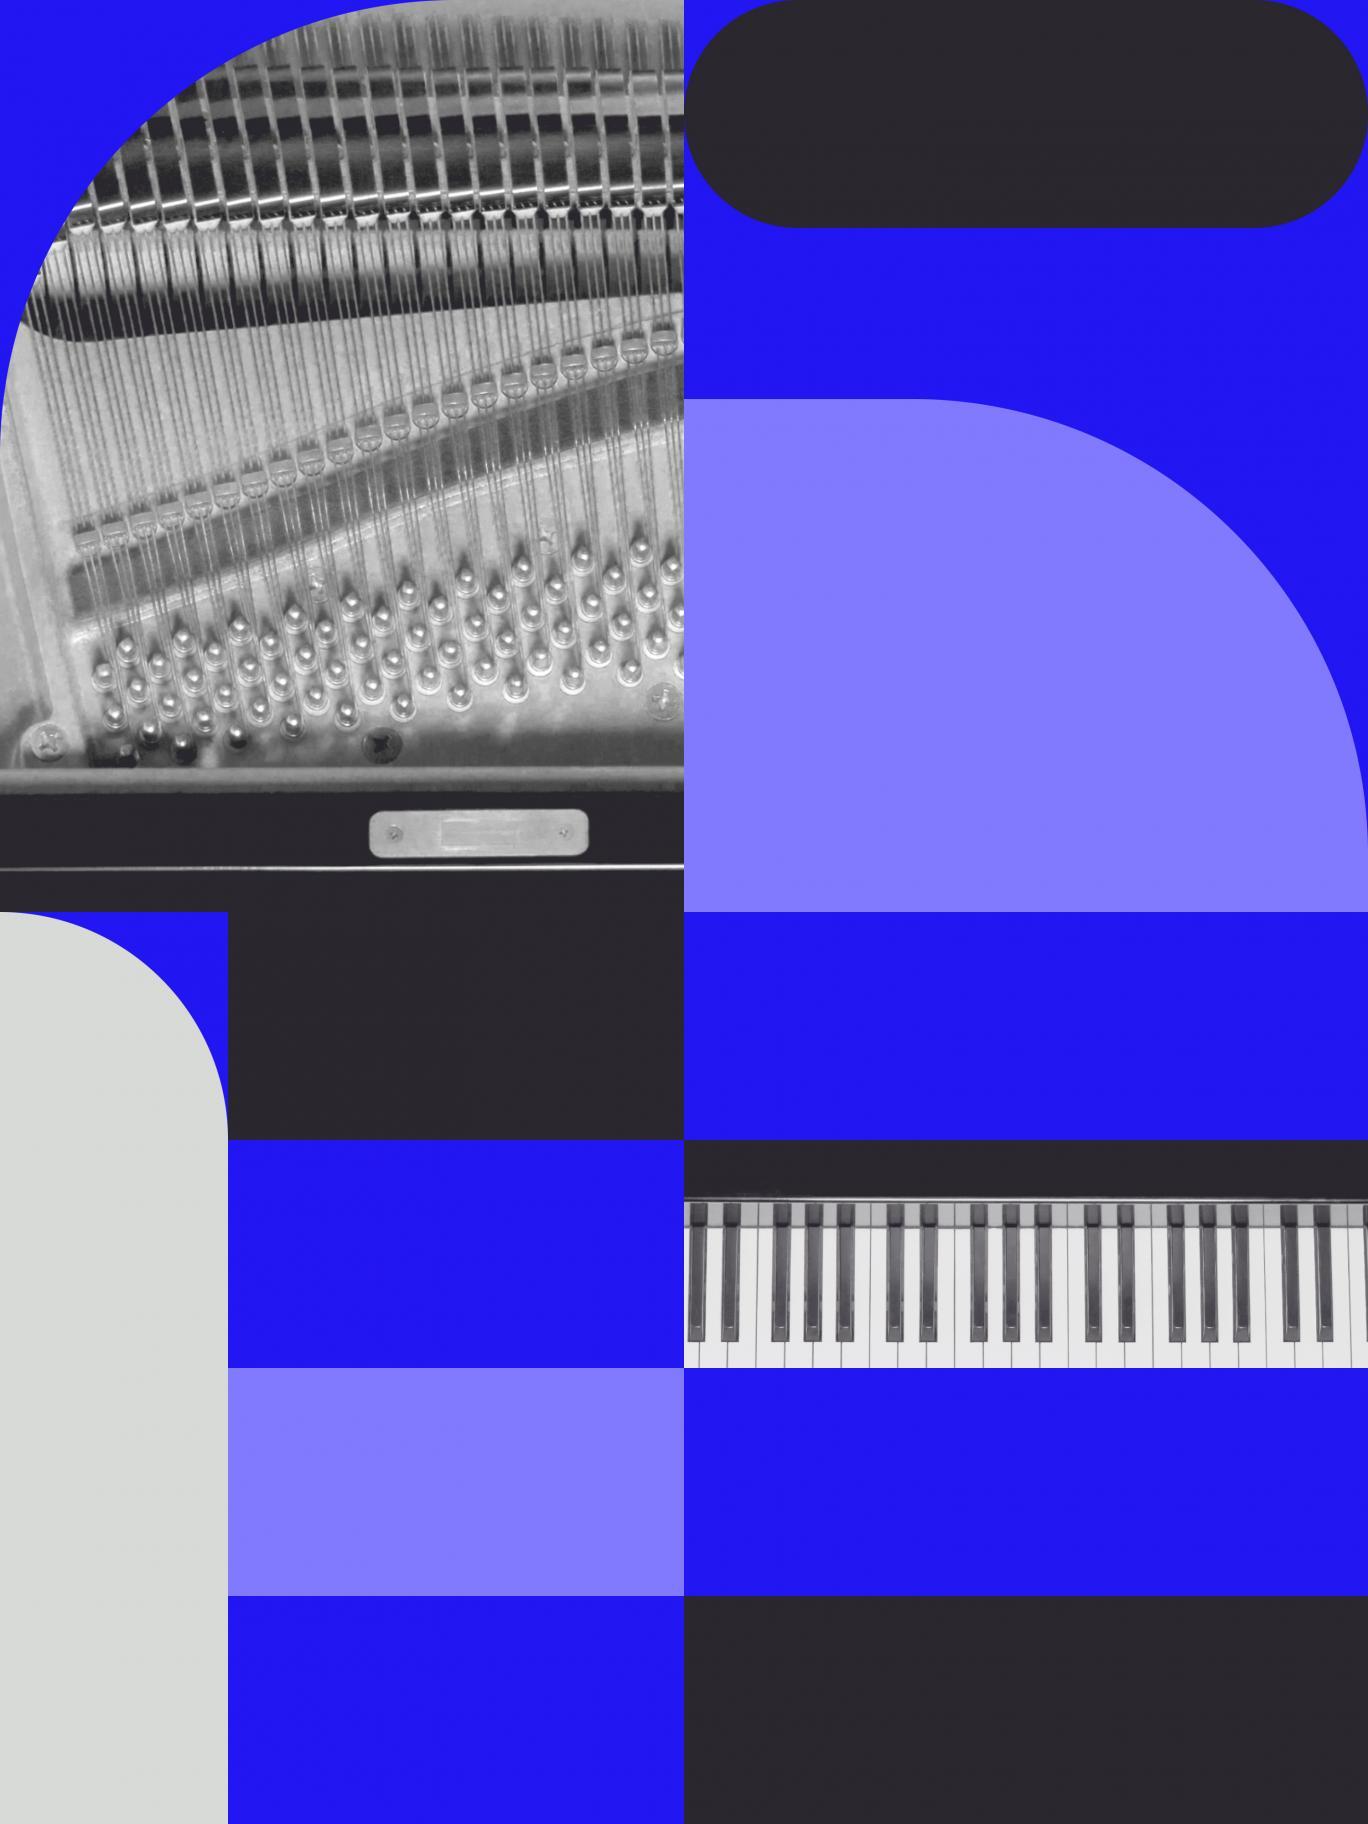 (VST Plugin) VSTi Sineplayer kostenlos,hier : derzeit Grandpiano,Percussion und Strings for free.